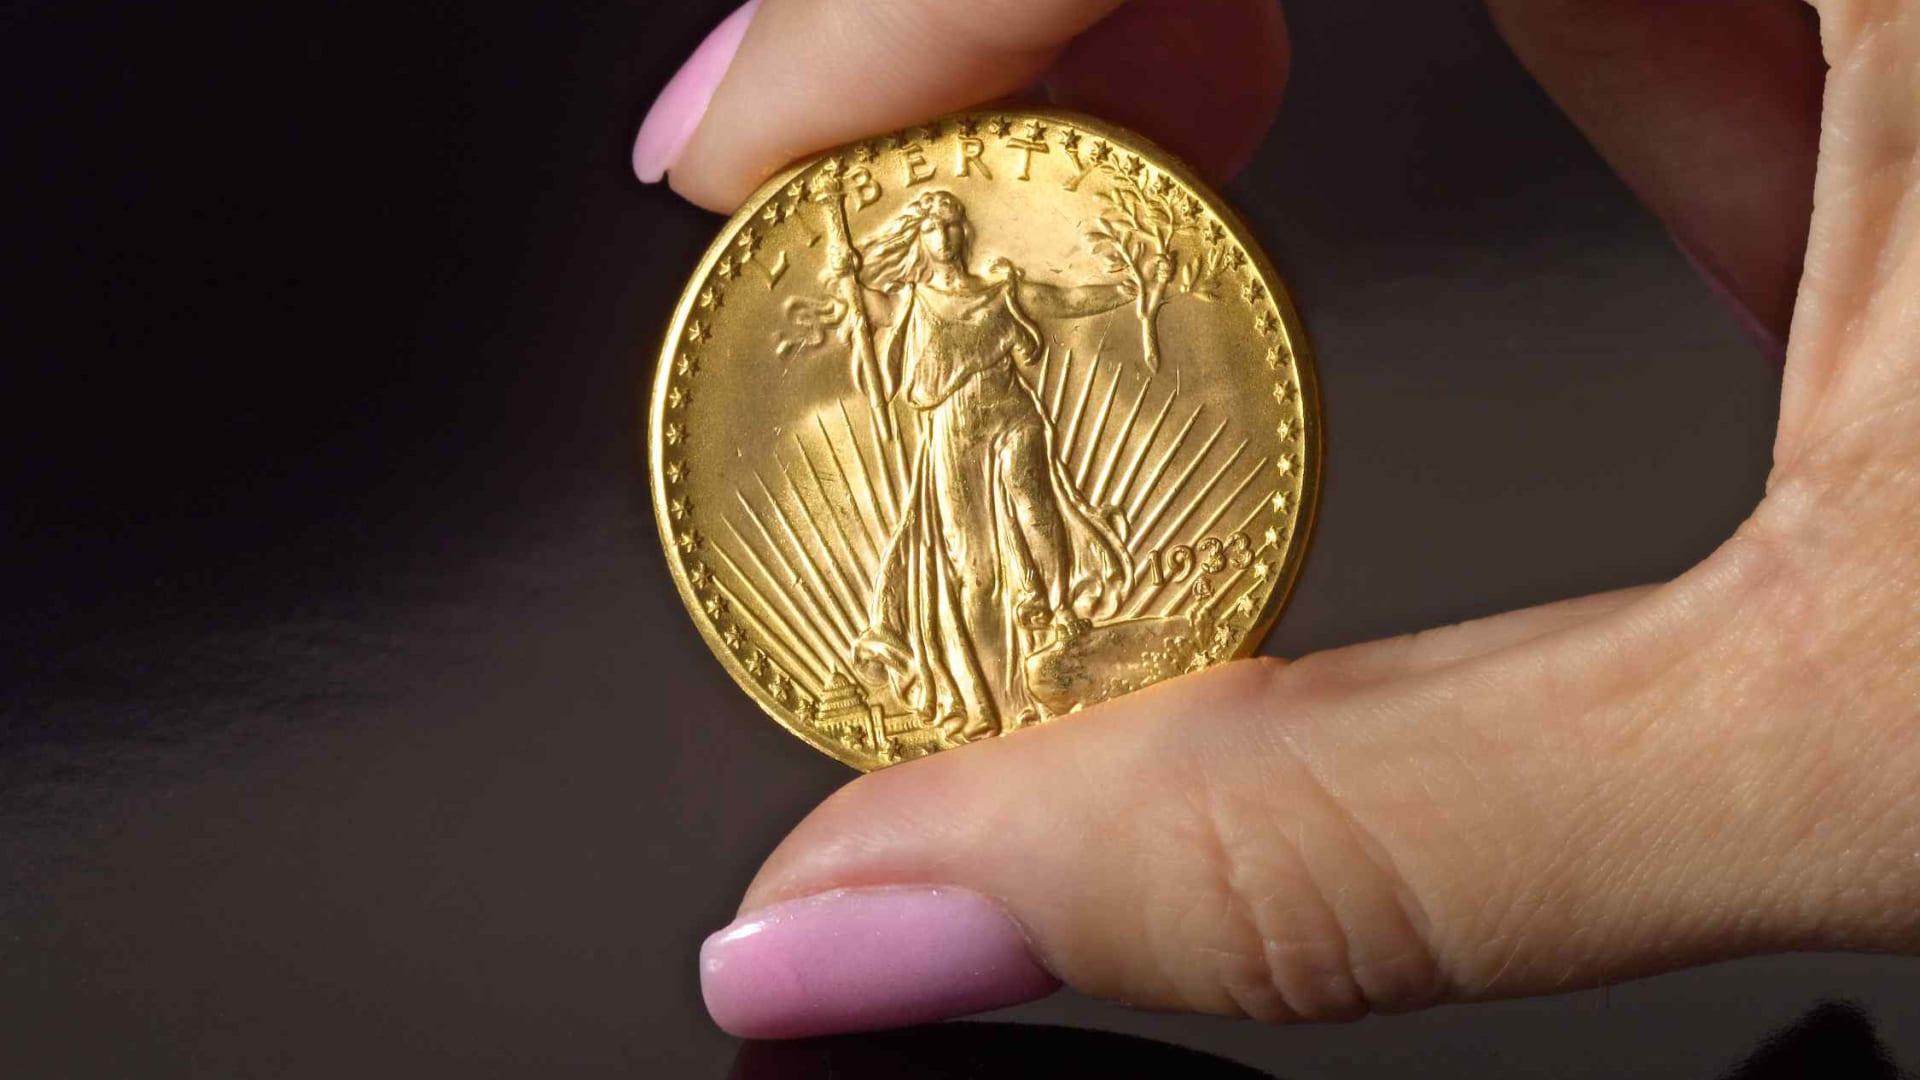 عملة ذهبية نادرة تباع بـ 18.9 مليون دولار وتحطم الرقم القياسي في مزاد